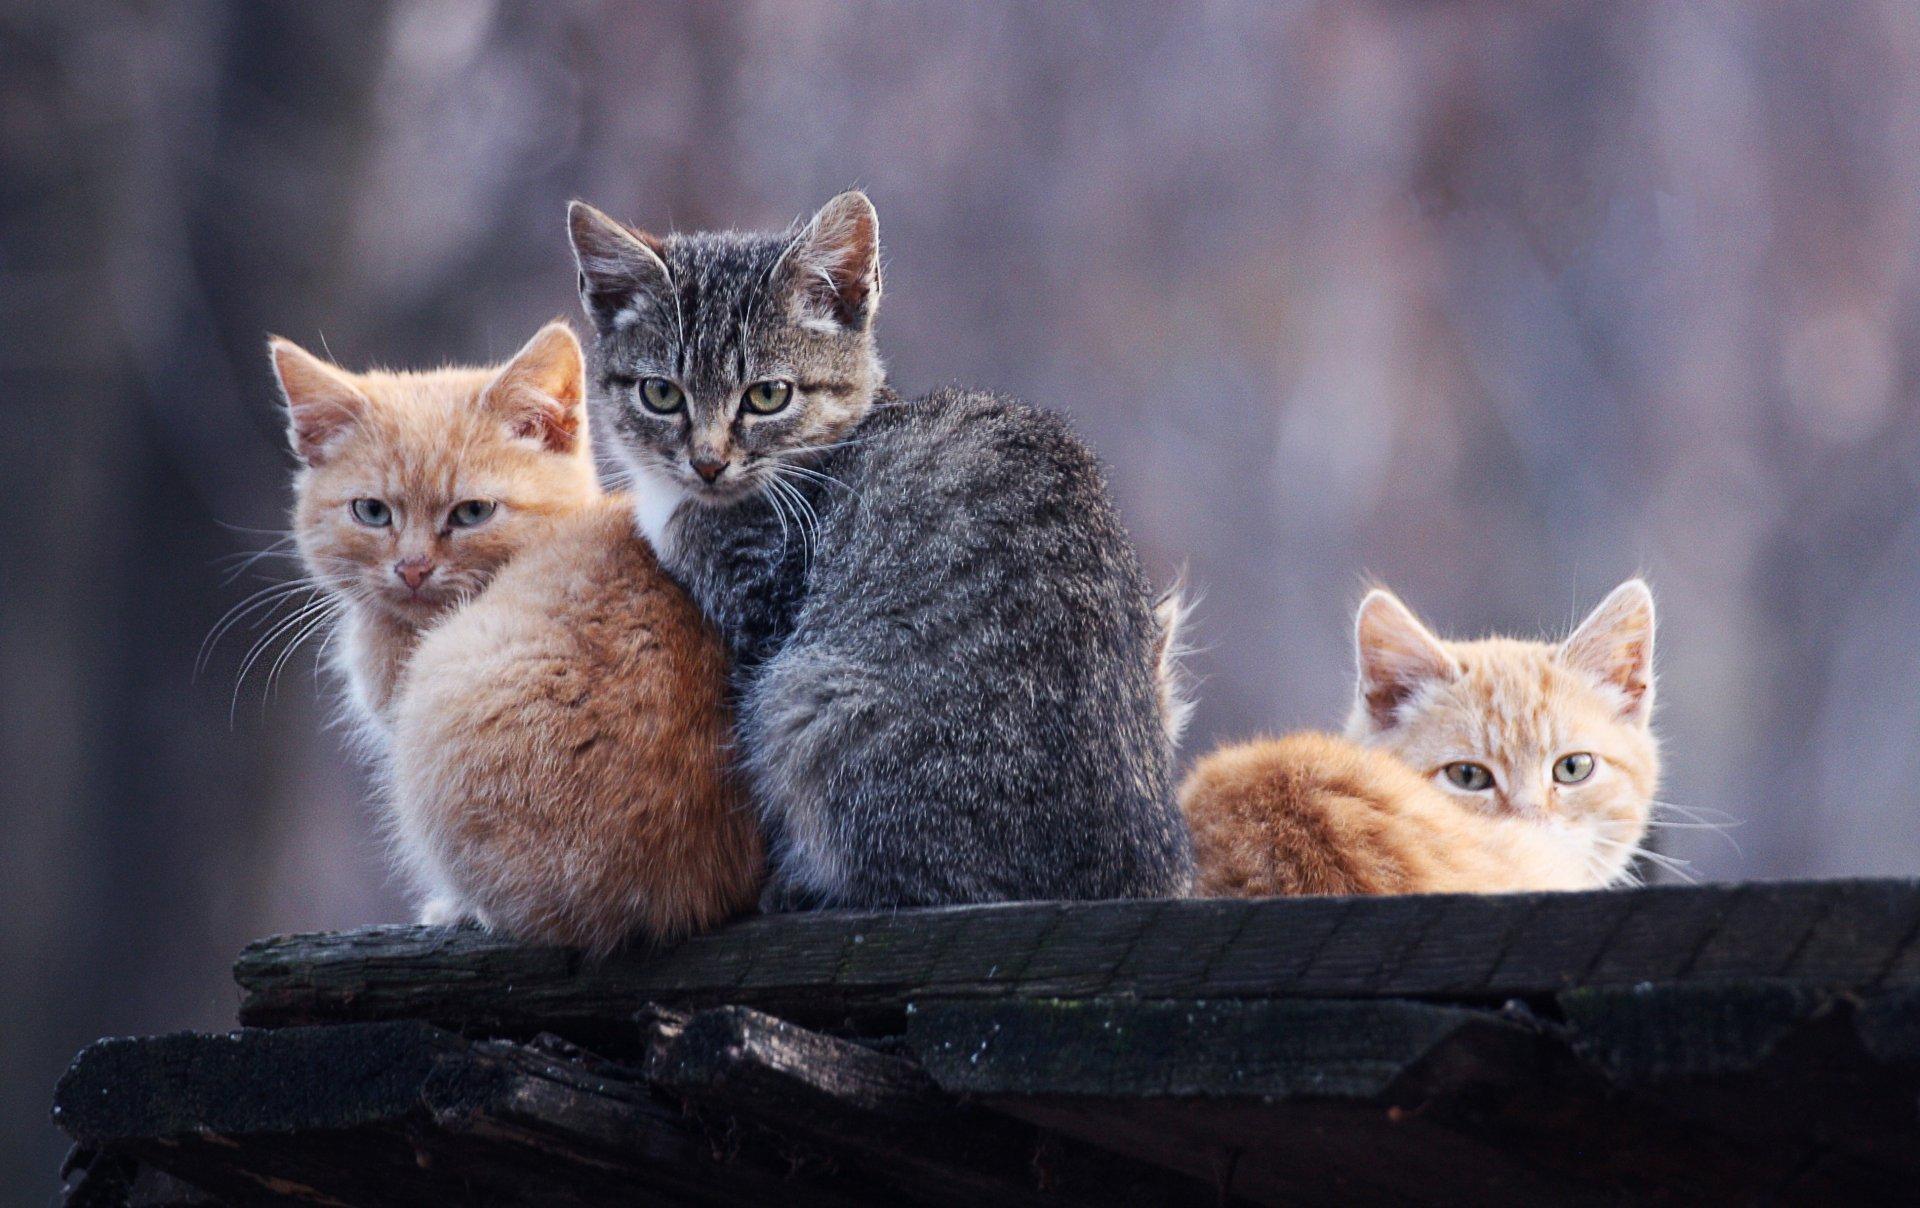 пребывания картинки рыжего и серого кота открываете